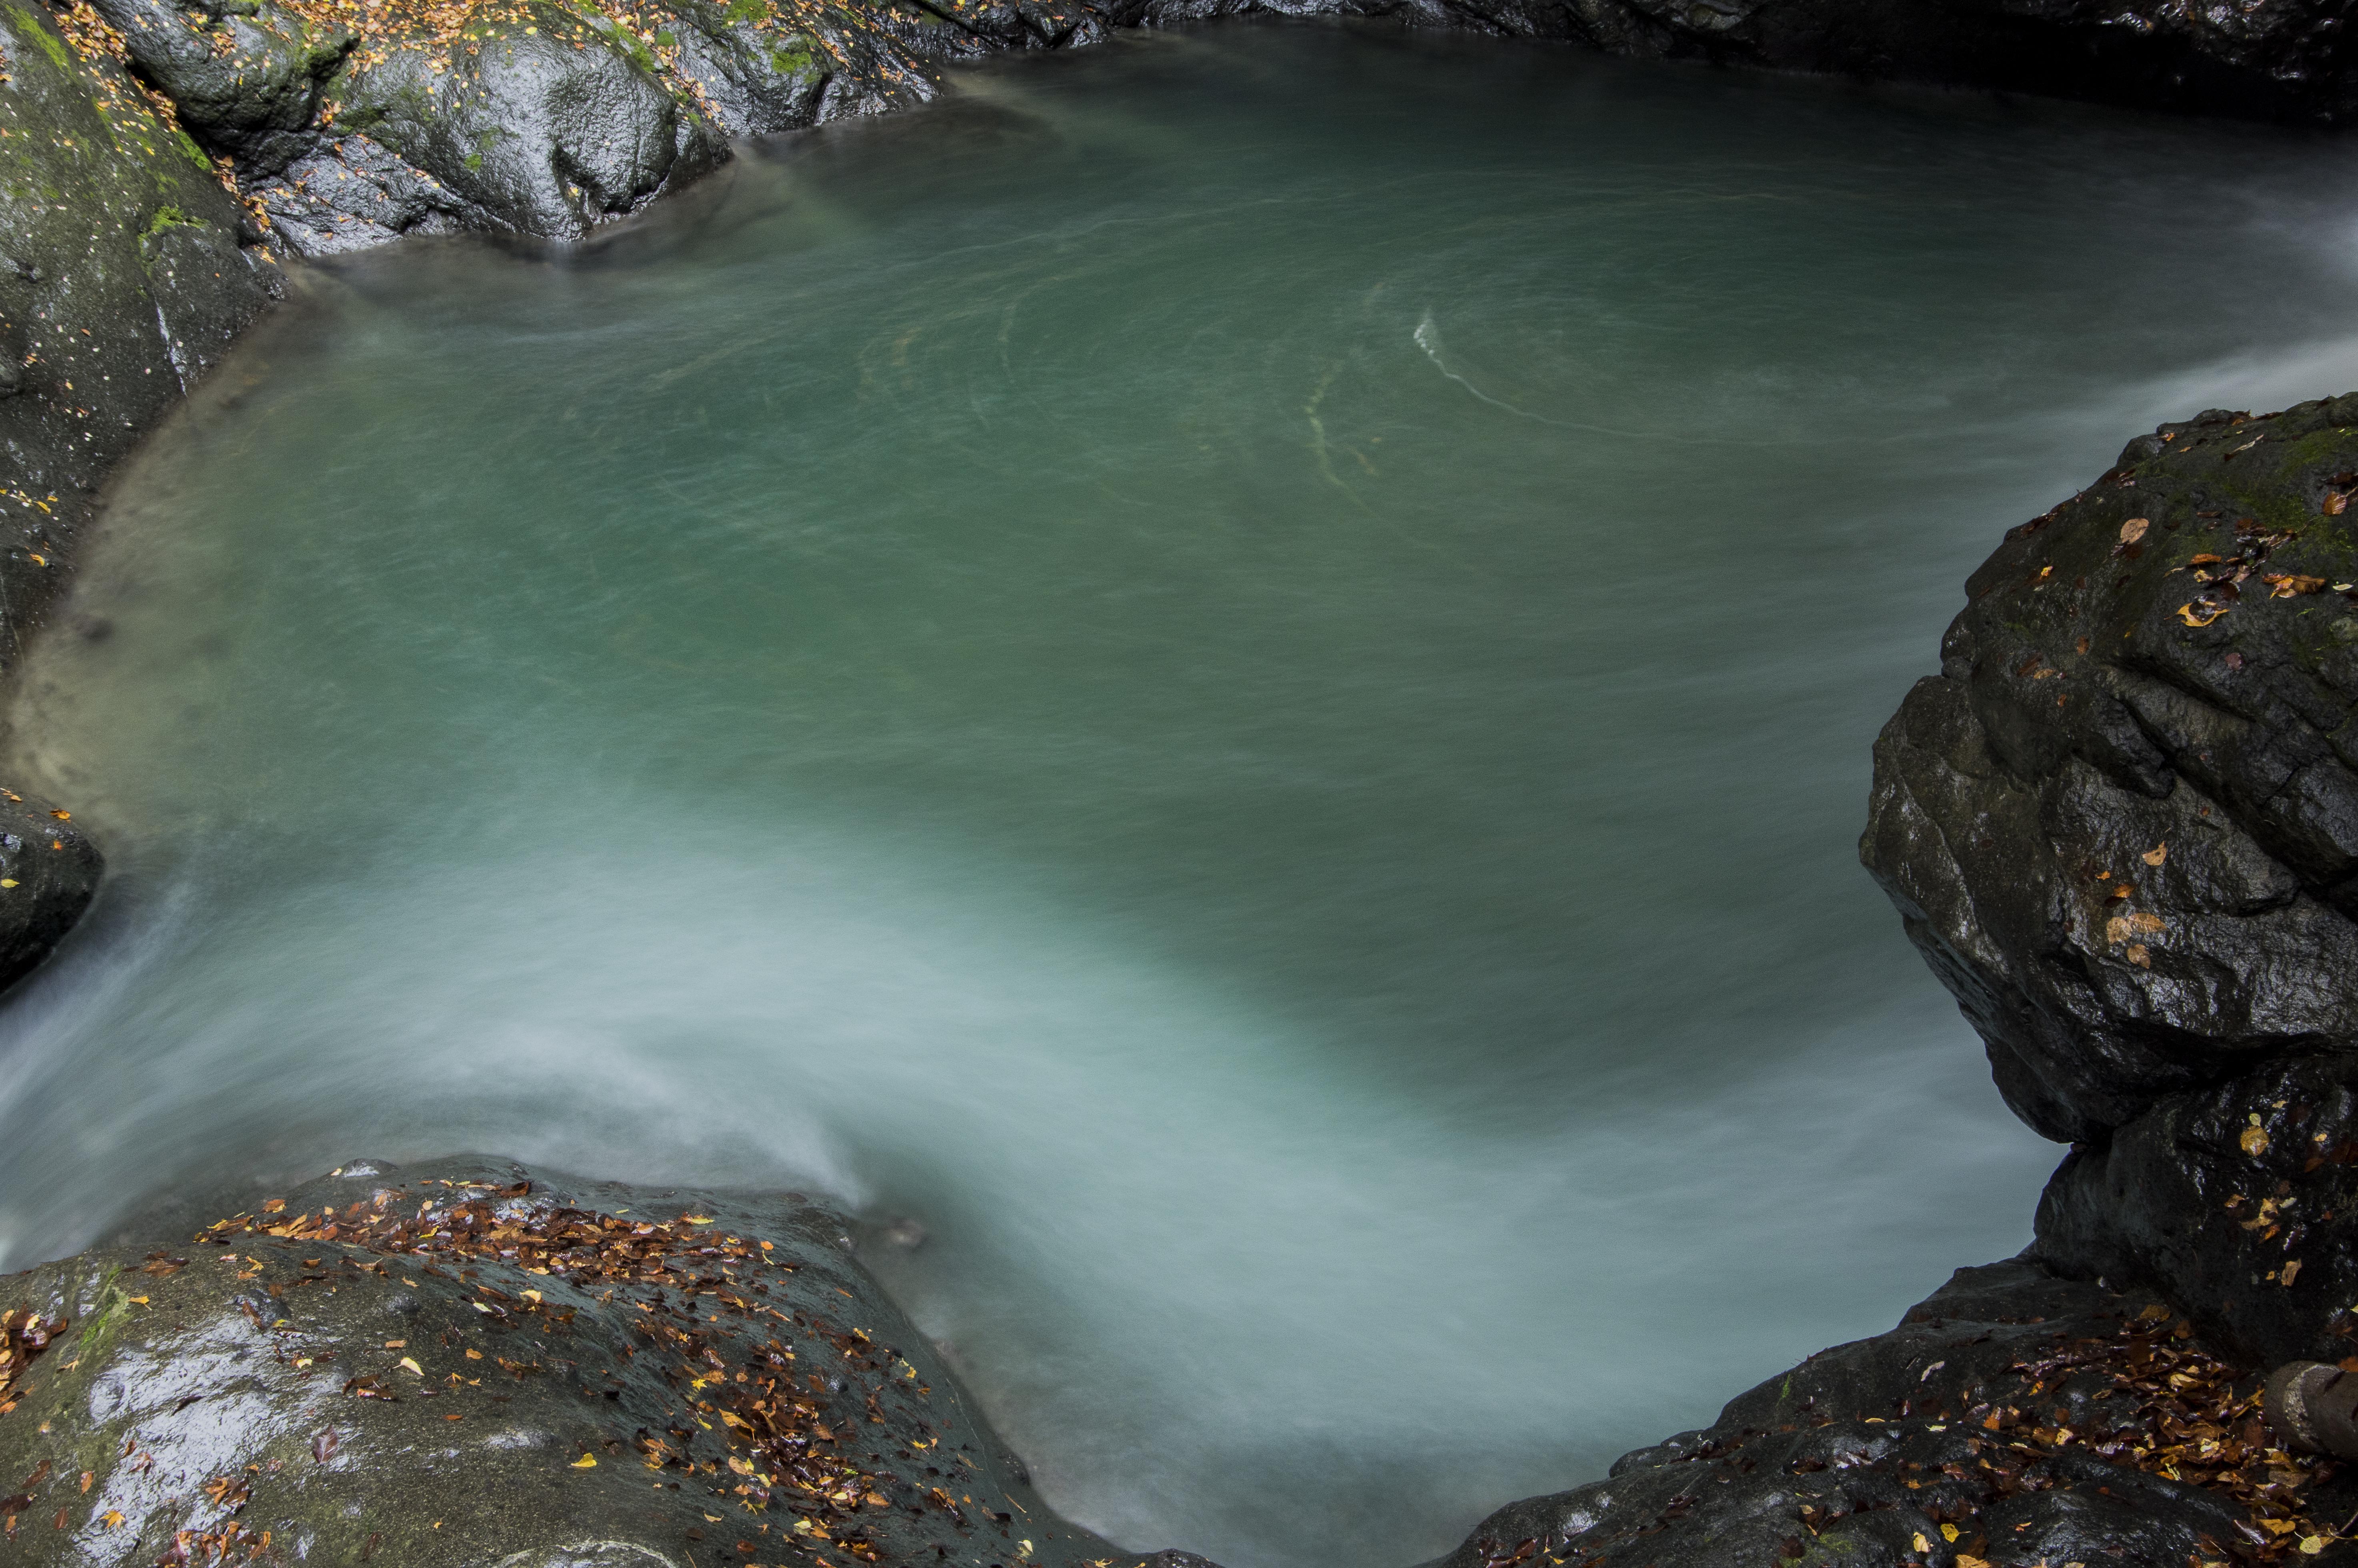 大柳川渓谷の緩やかな流れ